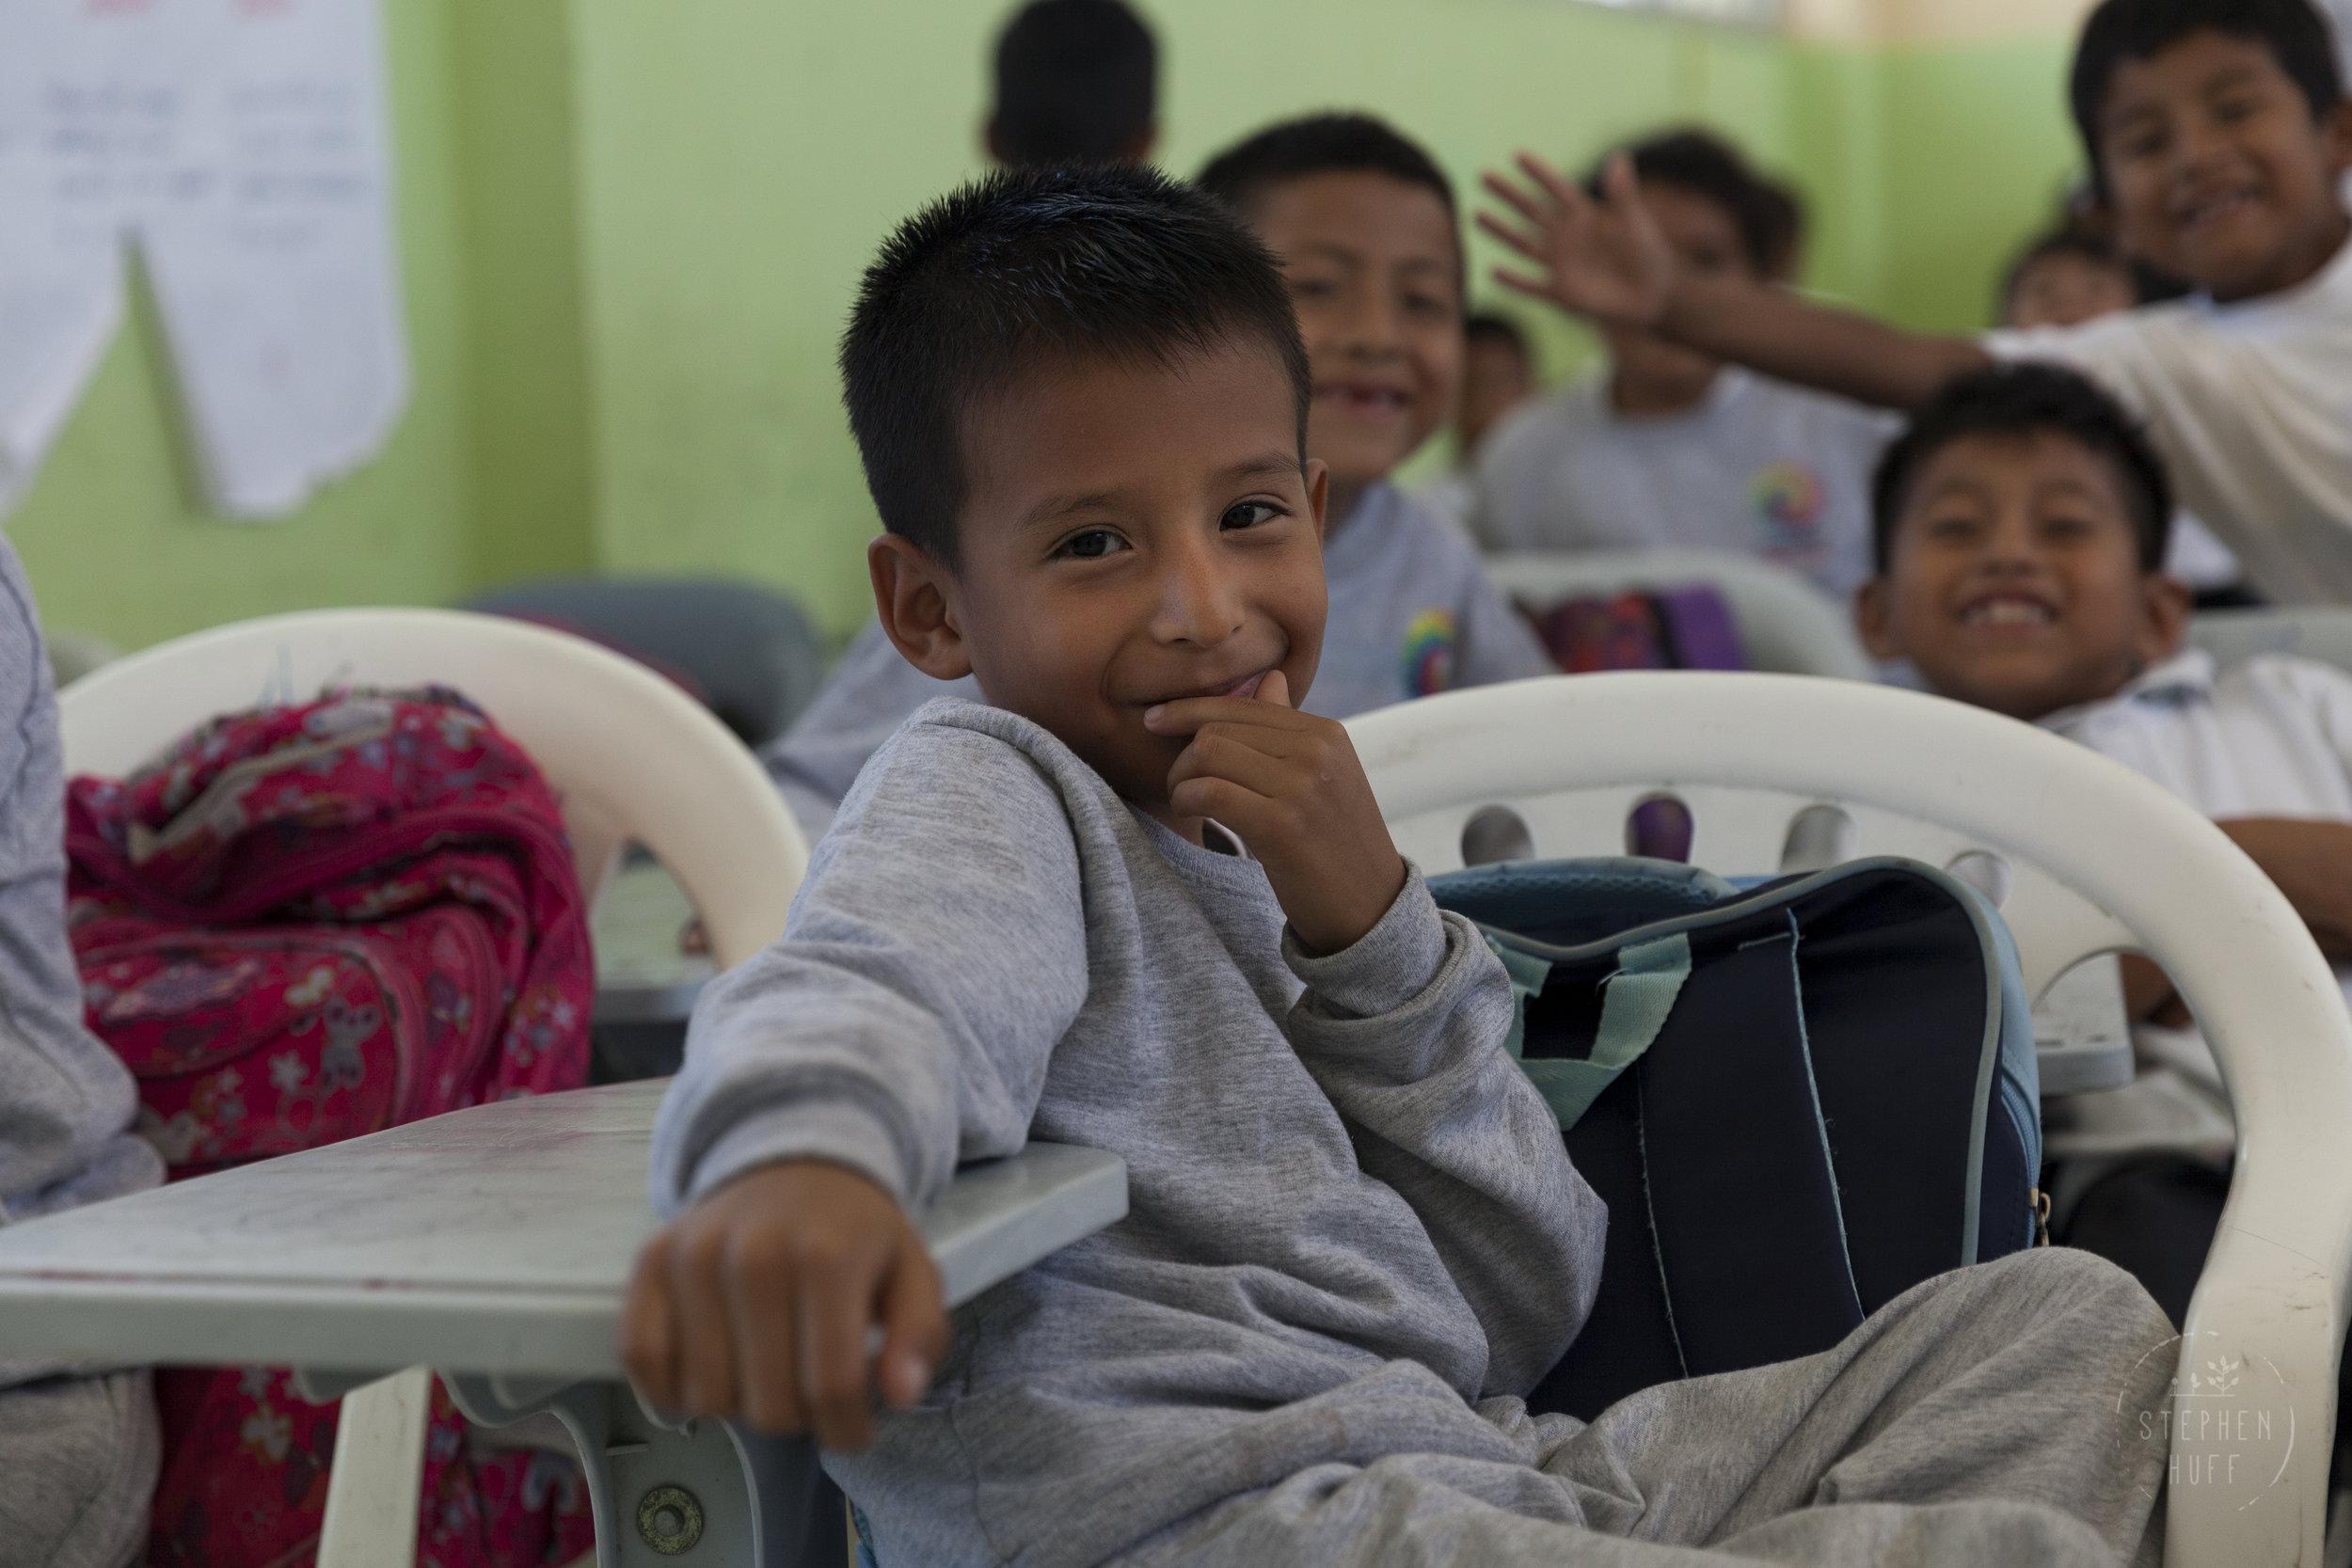 20160810-Ecuador-sch-180.jpg